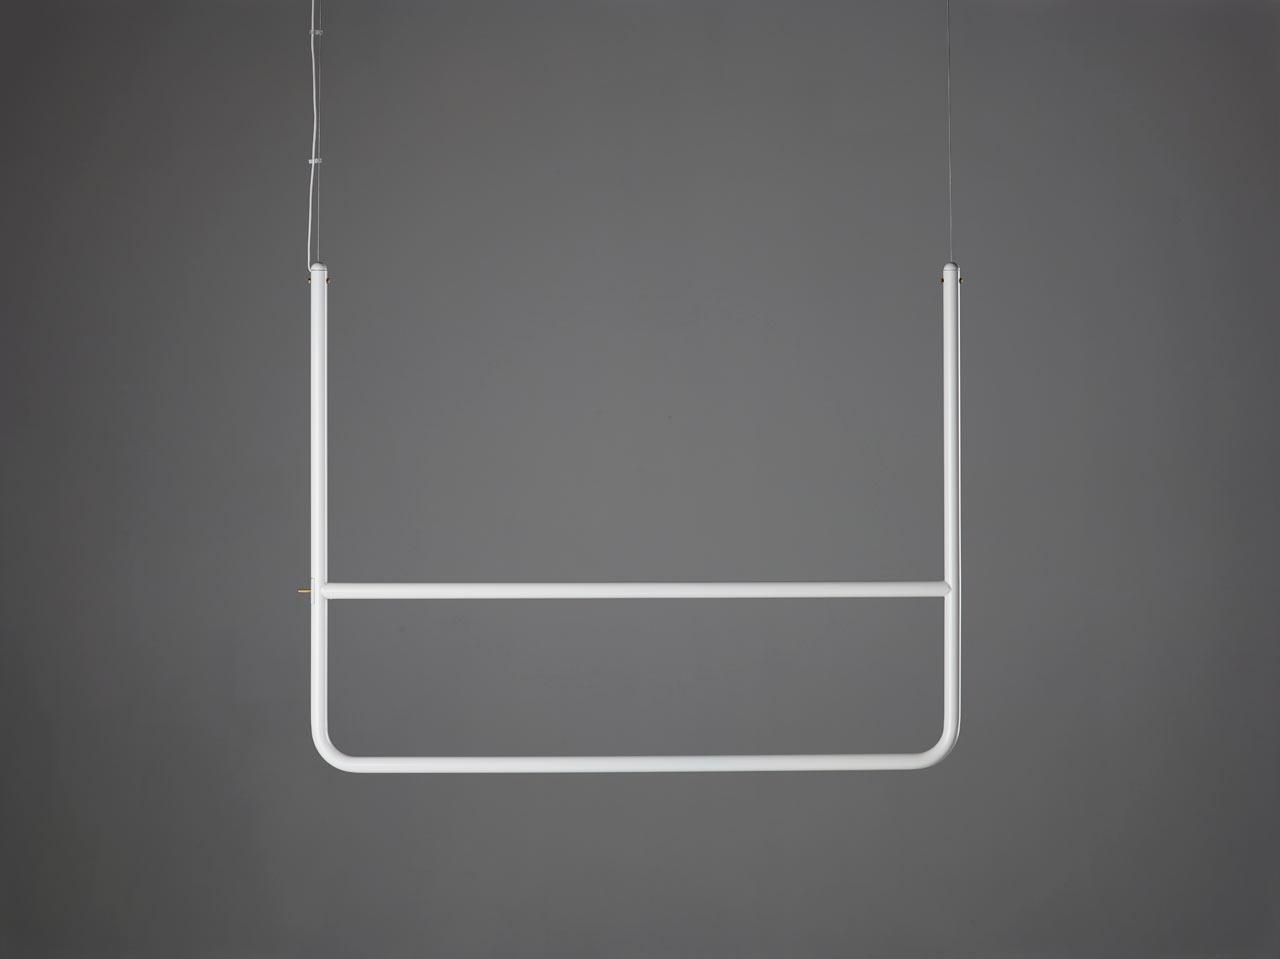 Hank-Light-Hanger-Ola-Samuelsson-3a